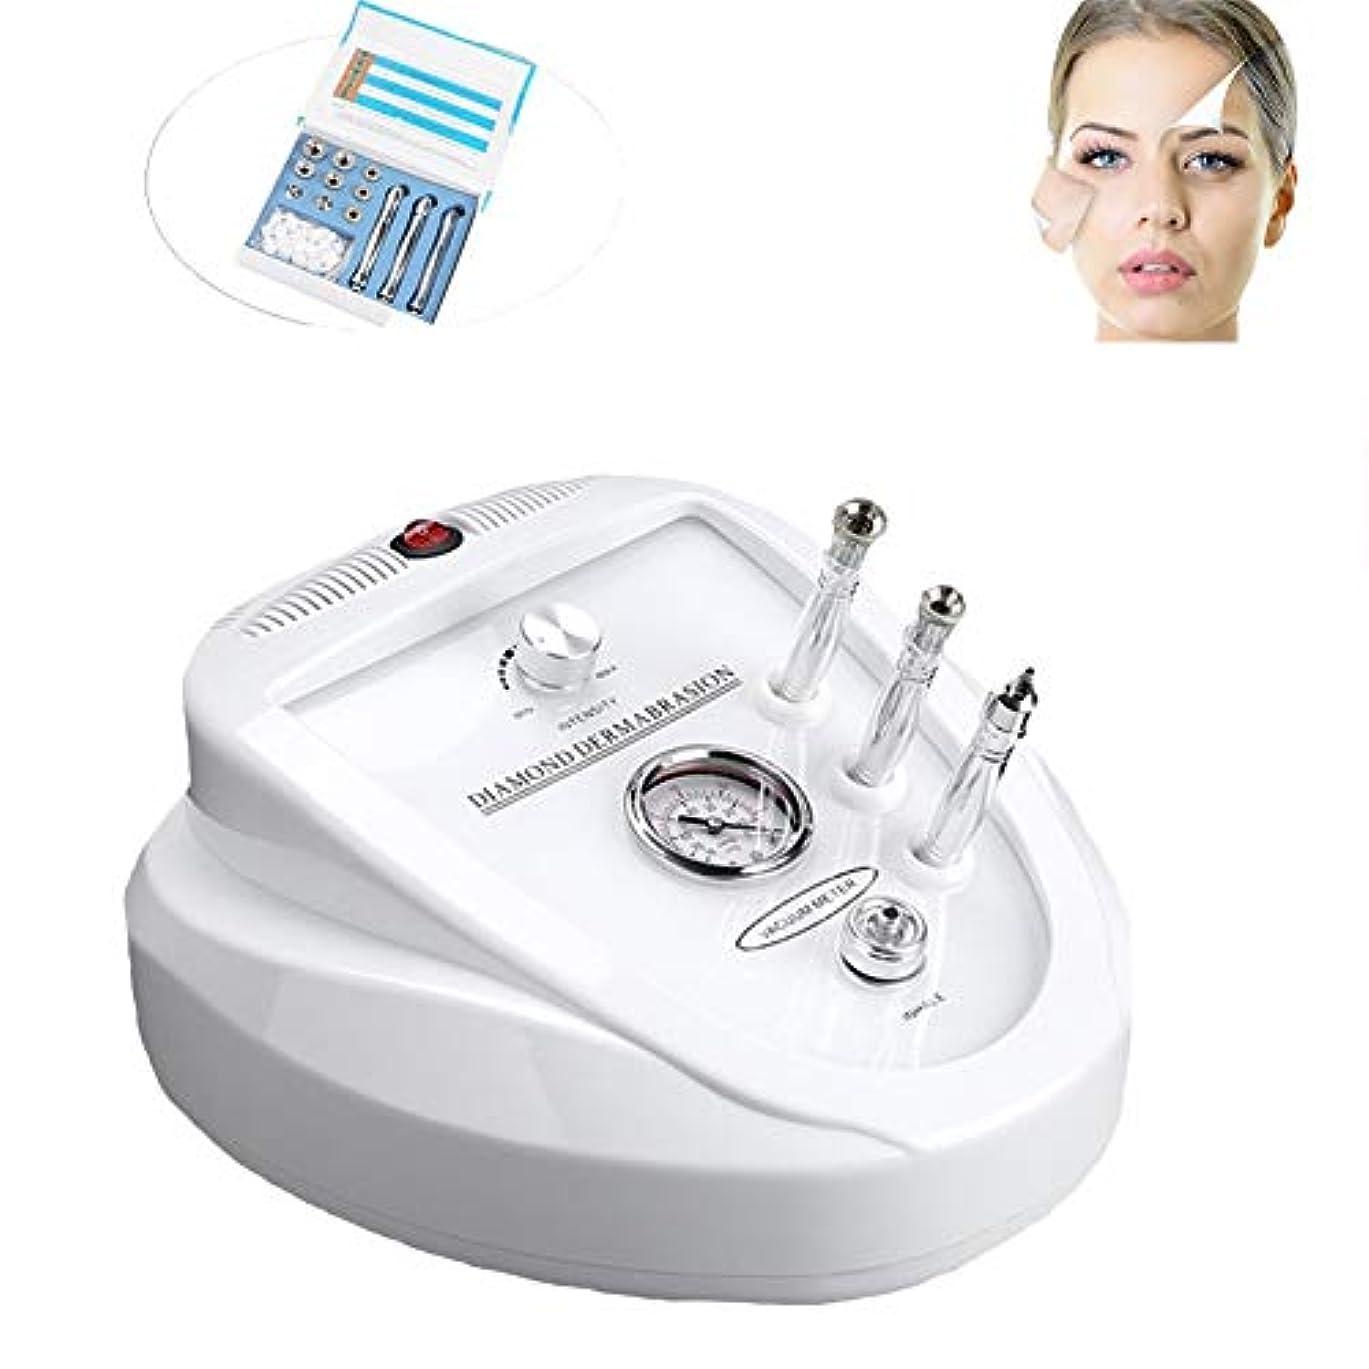 技術中断ユニークな3-1 - ダイヤモンド皮膚剥離マイクロダーマブレーションマシン剥離皮膚更新機器